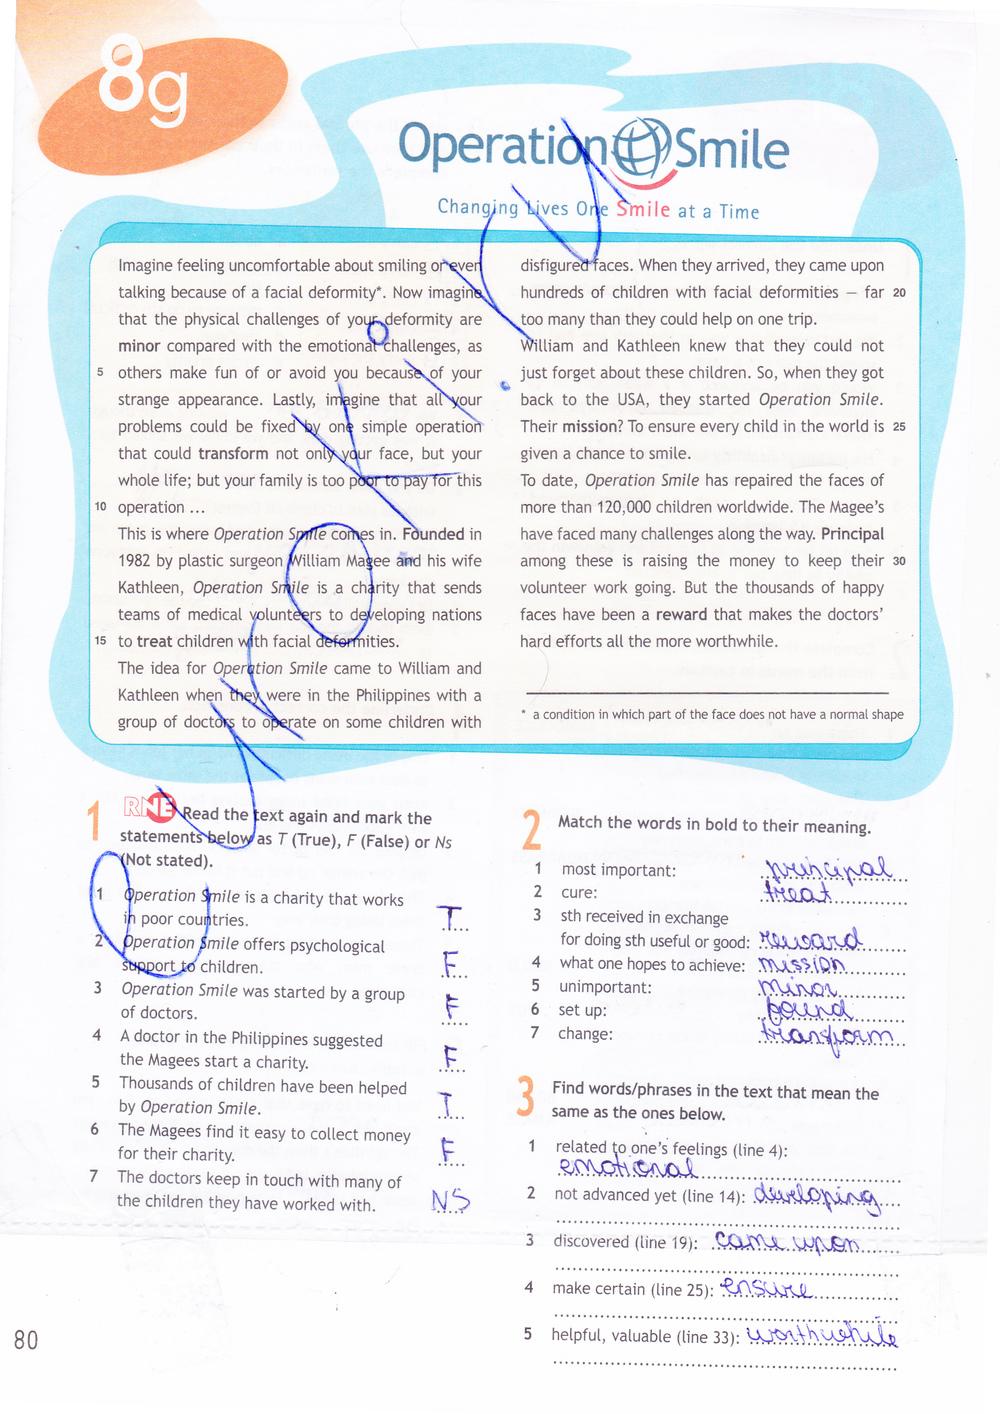 гдз английскому языку 9 класс spotlight рабочая тетрадь